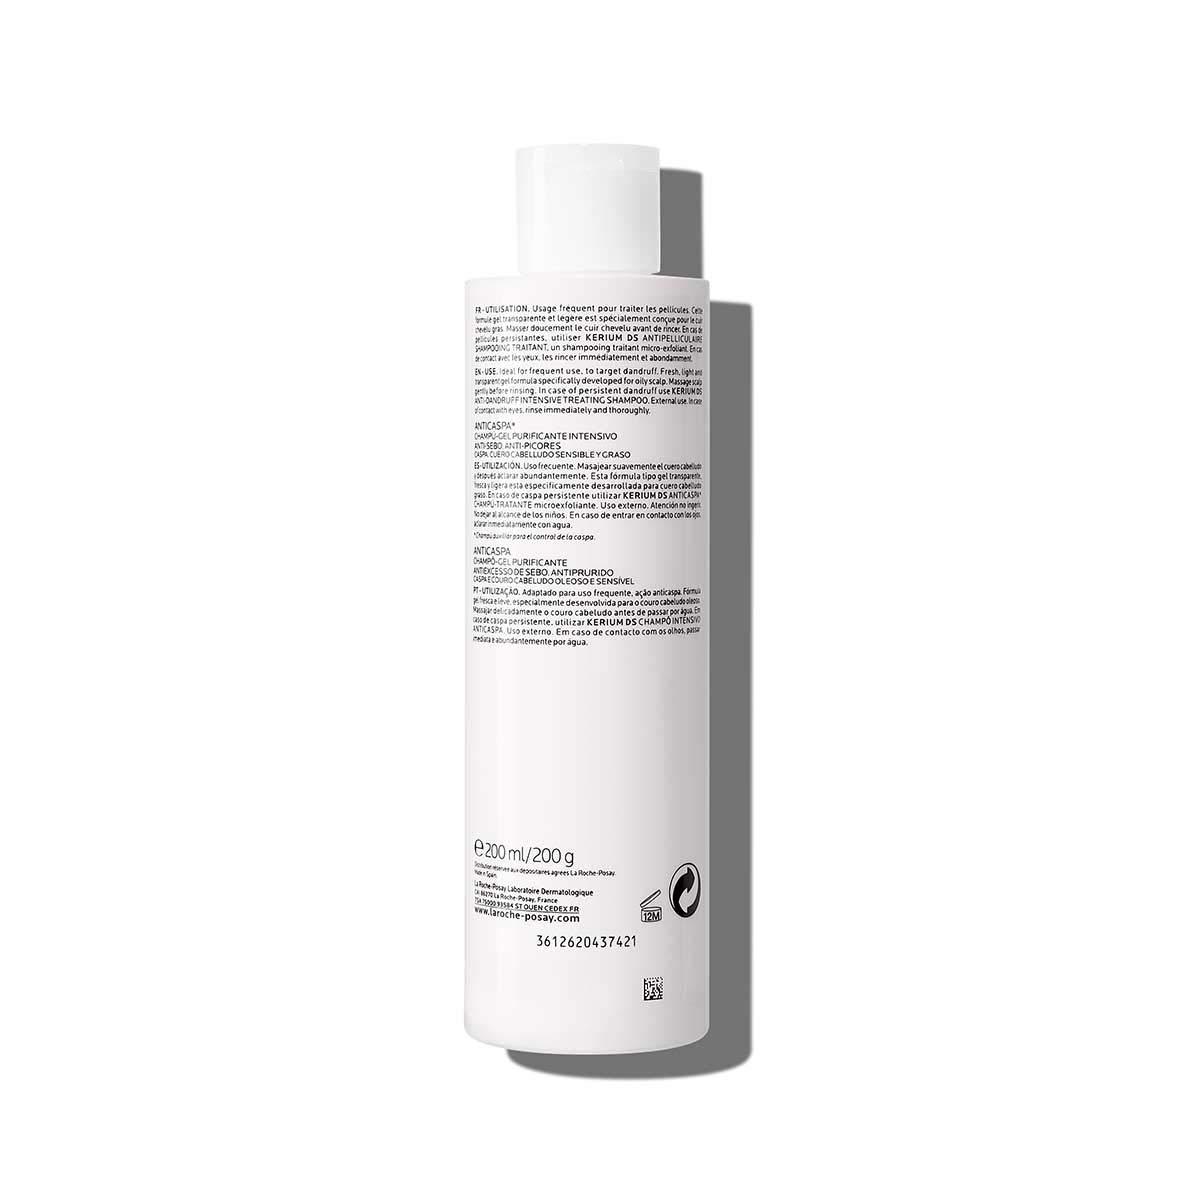 La Roche Posay, Kerium Champú Gel Exfoliante, 200 grams: Amazon.es